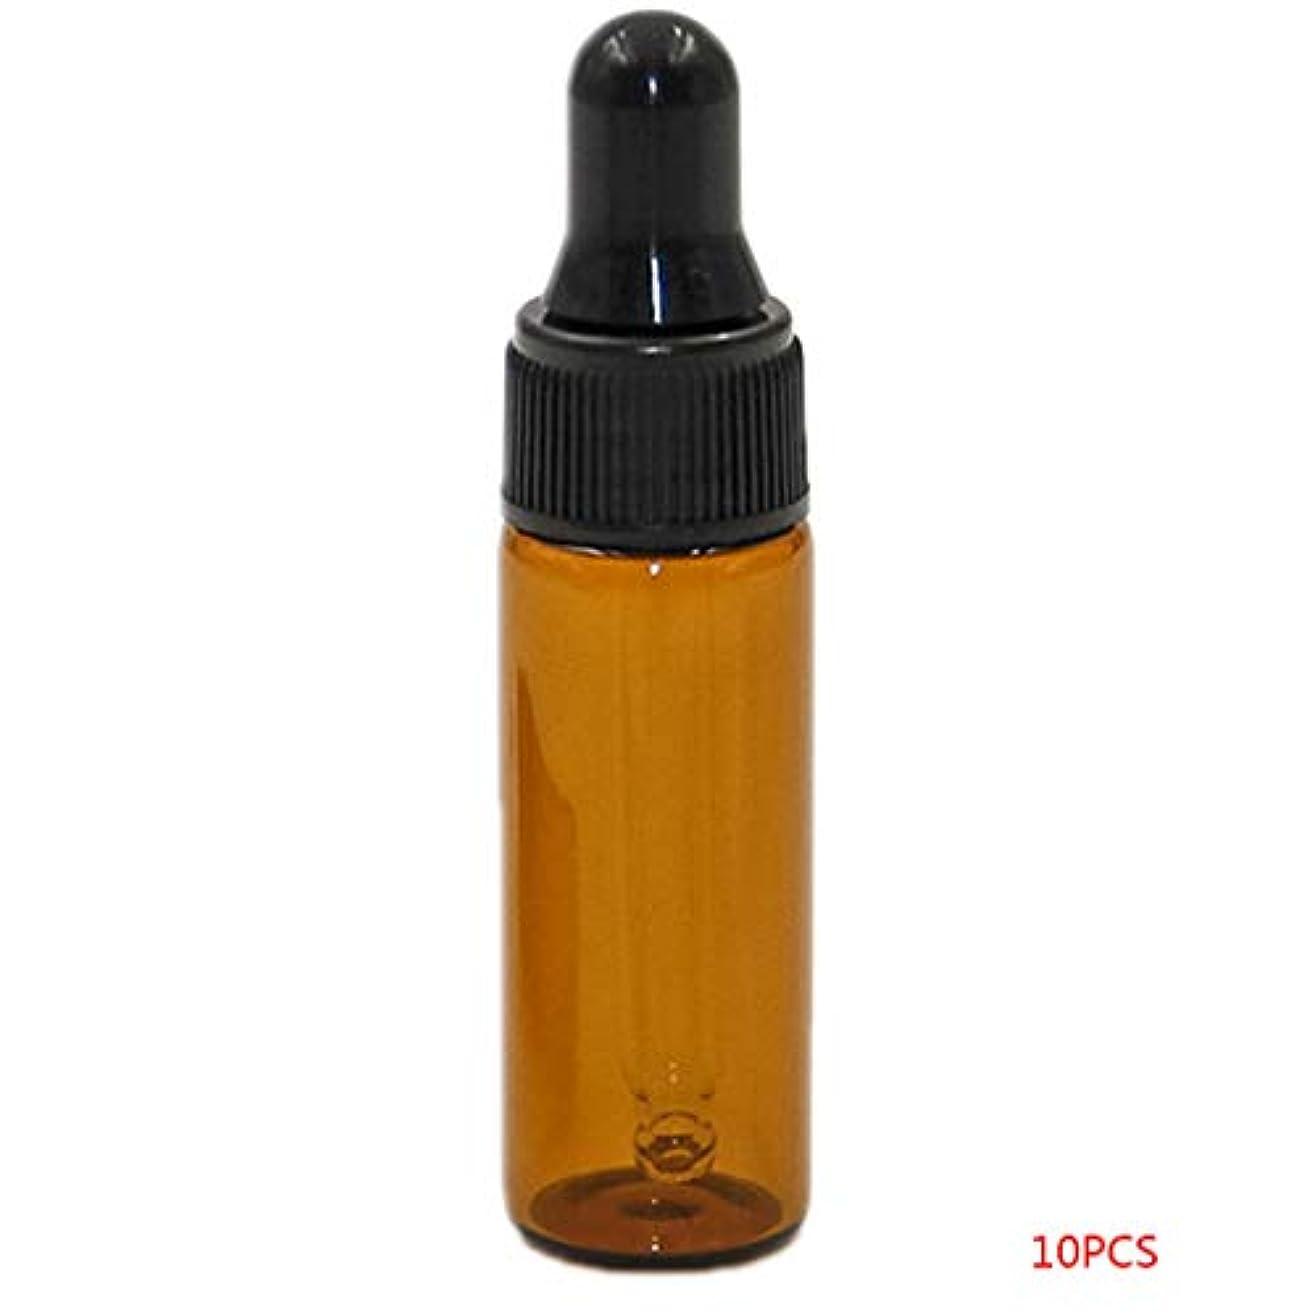 共和国若い未来TopFires アロマオイル 精油 小分け用 遮光瓶 セット 茶 ガラス アロマ ボトル オイル 用 茶色 瓶 ビン エッセンシャルオイル 保存 詰替え 瓶 ビン